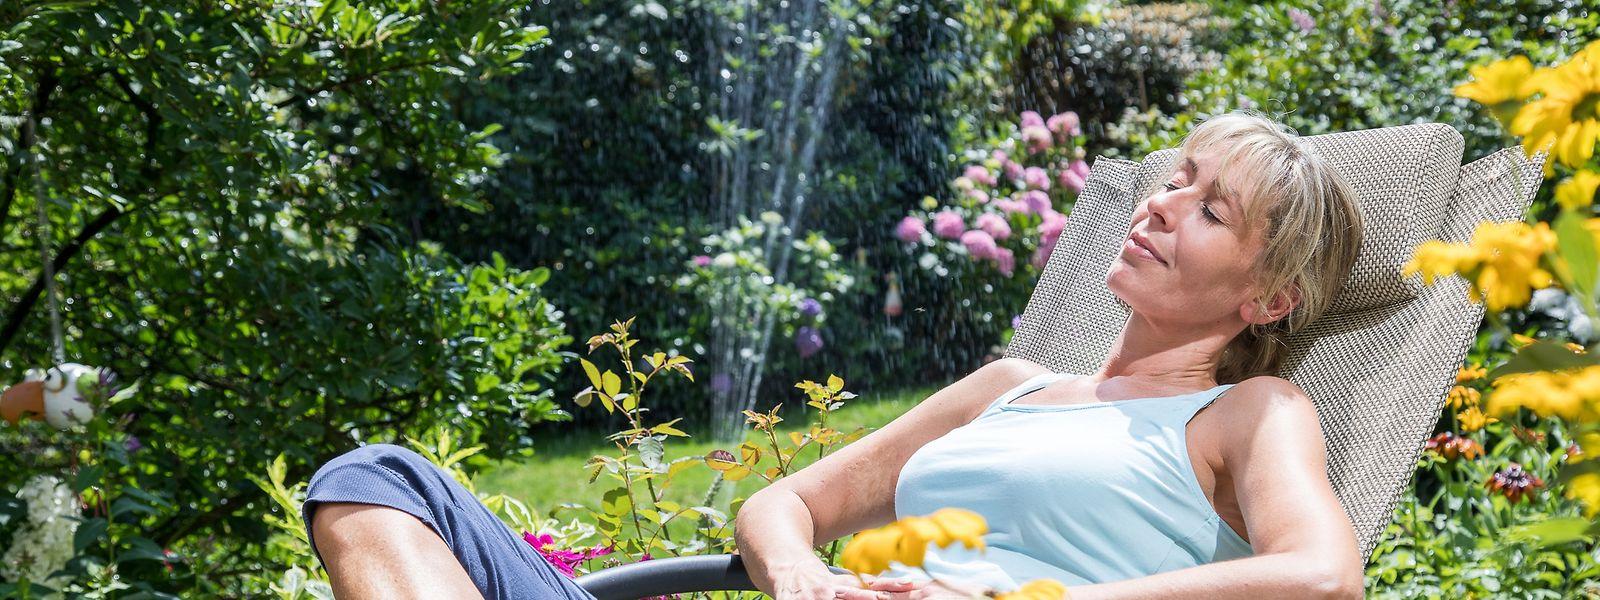 Weniger Arbeit und mehr Zeit zum Entspannen imGarten: Die Technologien des Smart Gardenings können das ermöglichen und etwa Rasenmähen oder Gießen von der Aufgabenliste streichen.